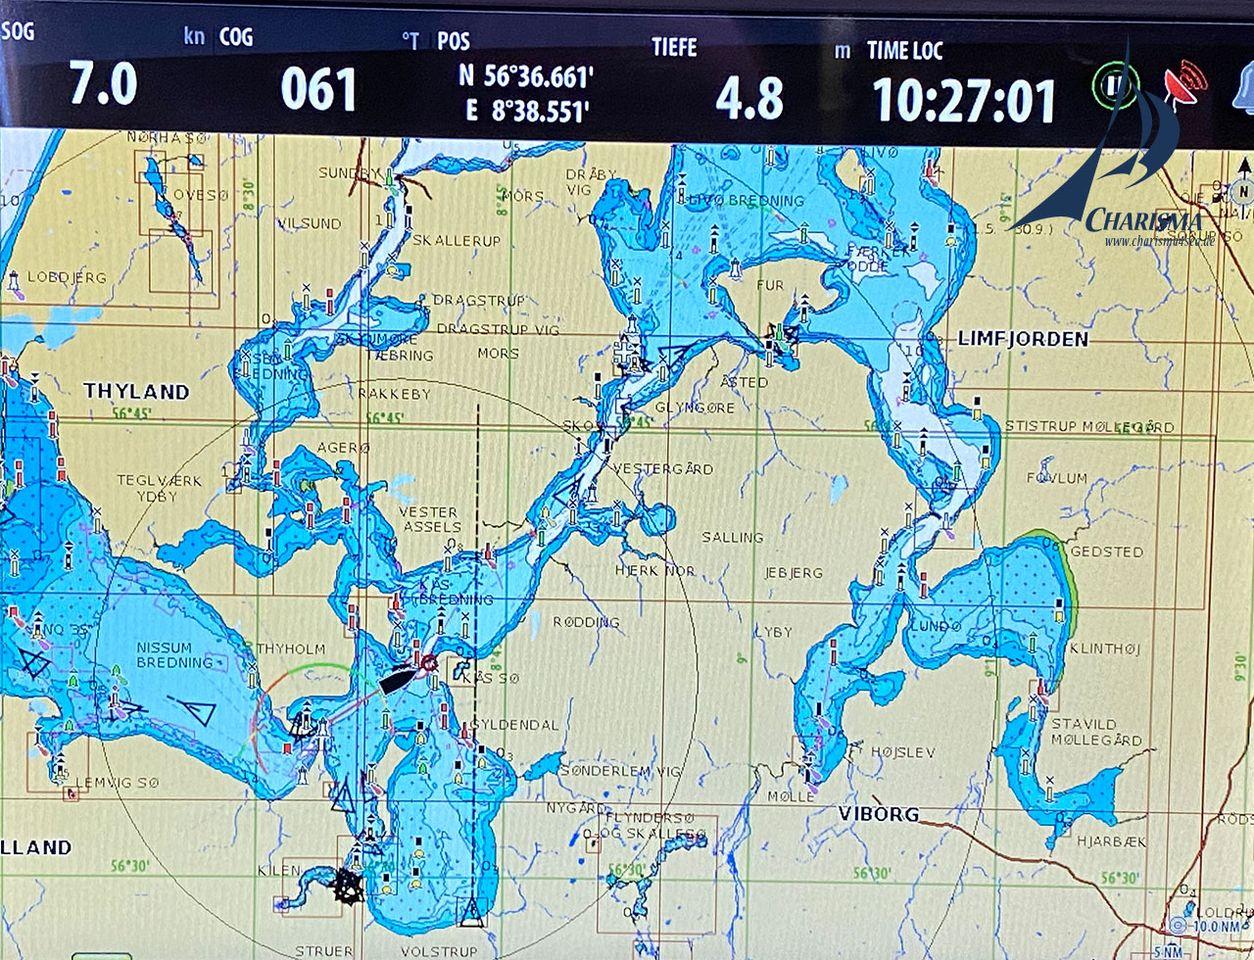 Limfjord von West nach Ost